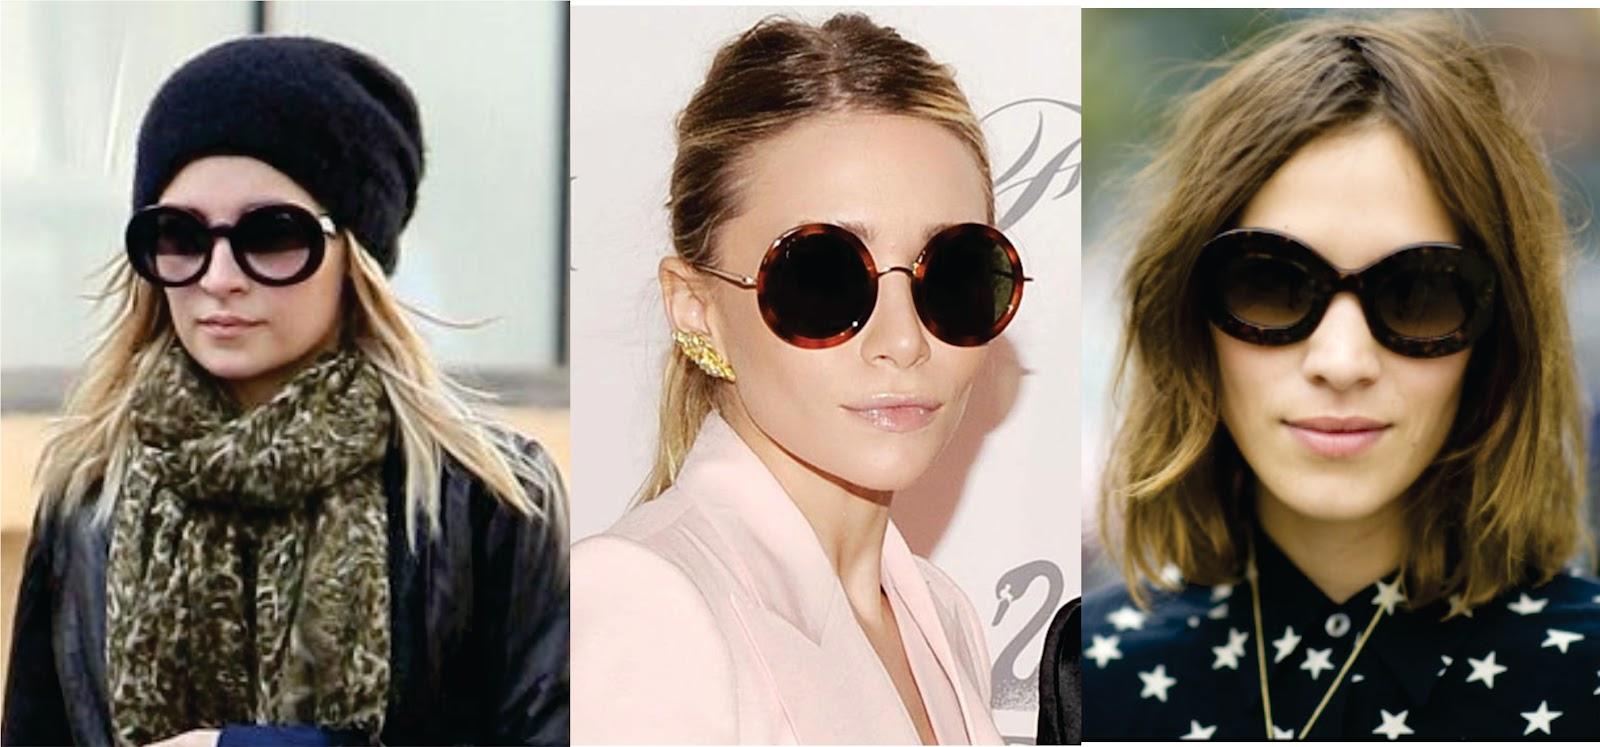 1086c1f235fae Os óculos com a armação redondinha pode ser diferente, mas é super  estiliso. Algumas celebridades como Nicole Richie, Mary Kate Olsen e Alexa  Chung adoram ...